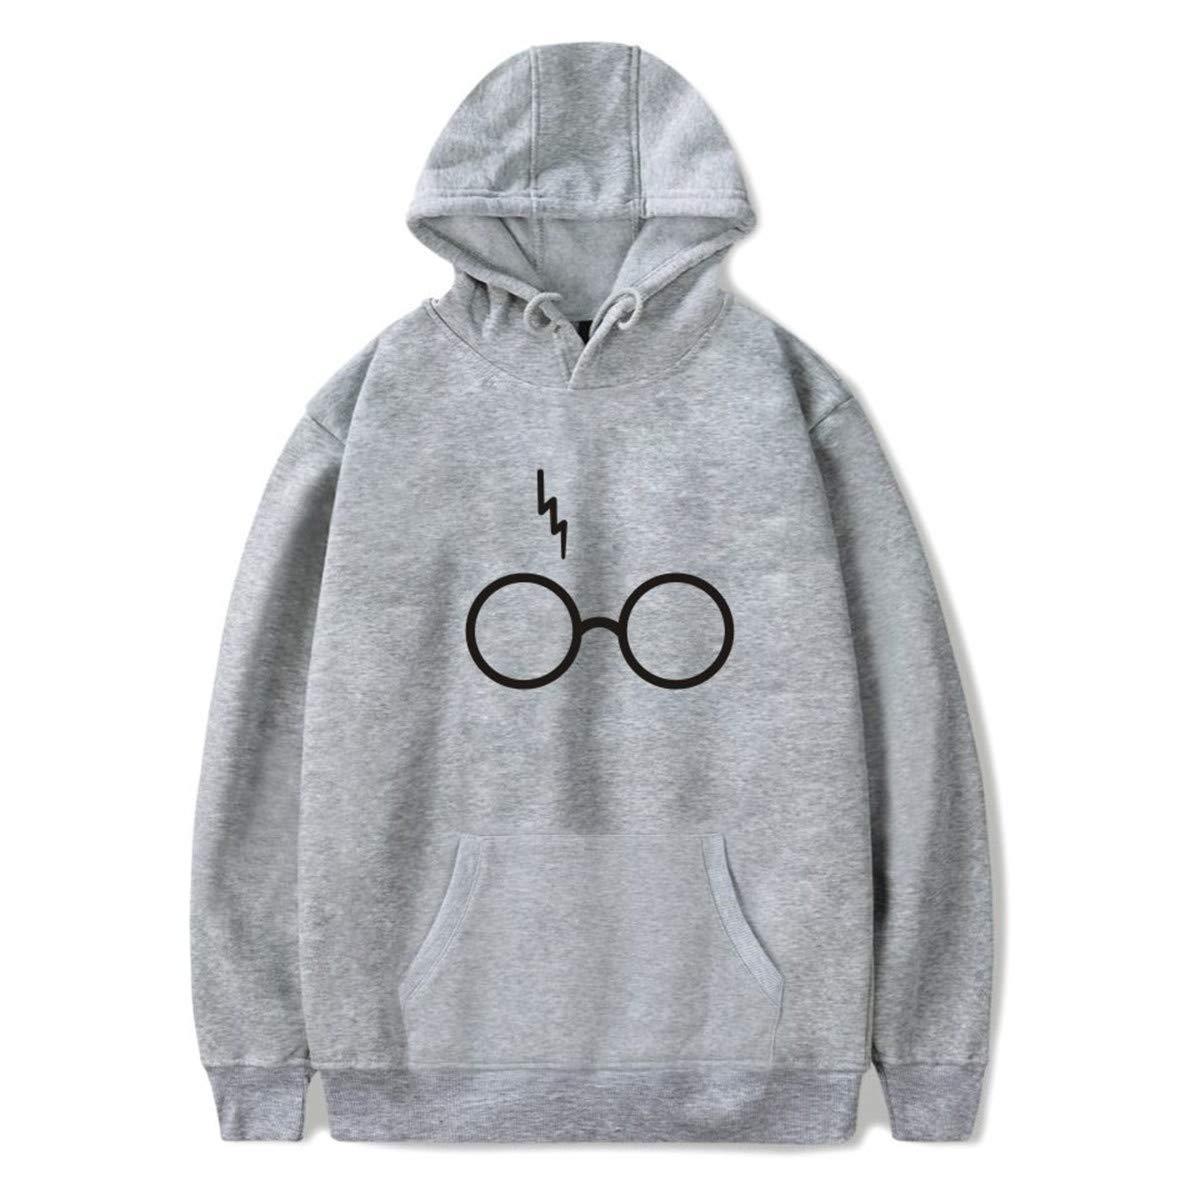 SIMYJOY Mujer Harry Potter Fans Sudaderas con Capucha Relámpago Cicatriz en Gafas Sporte Sweaters Casual Cool Tops Sudadera para Niñas, ...